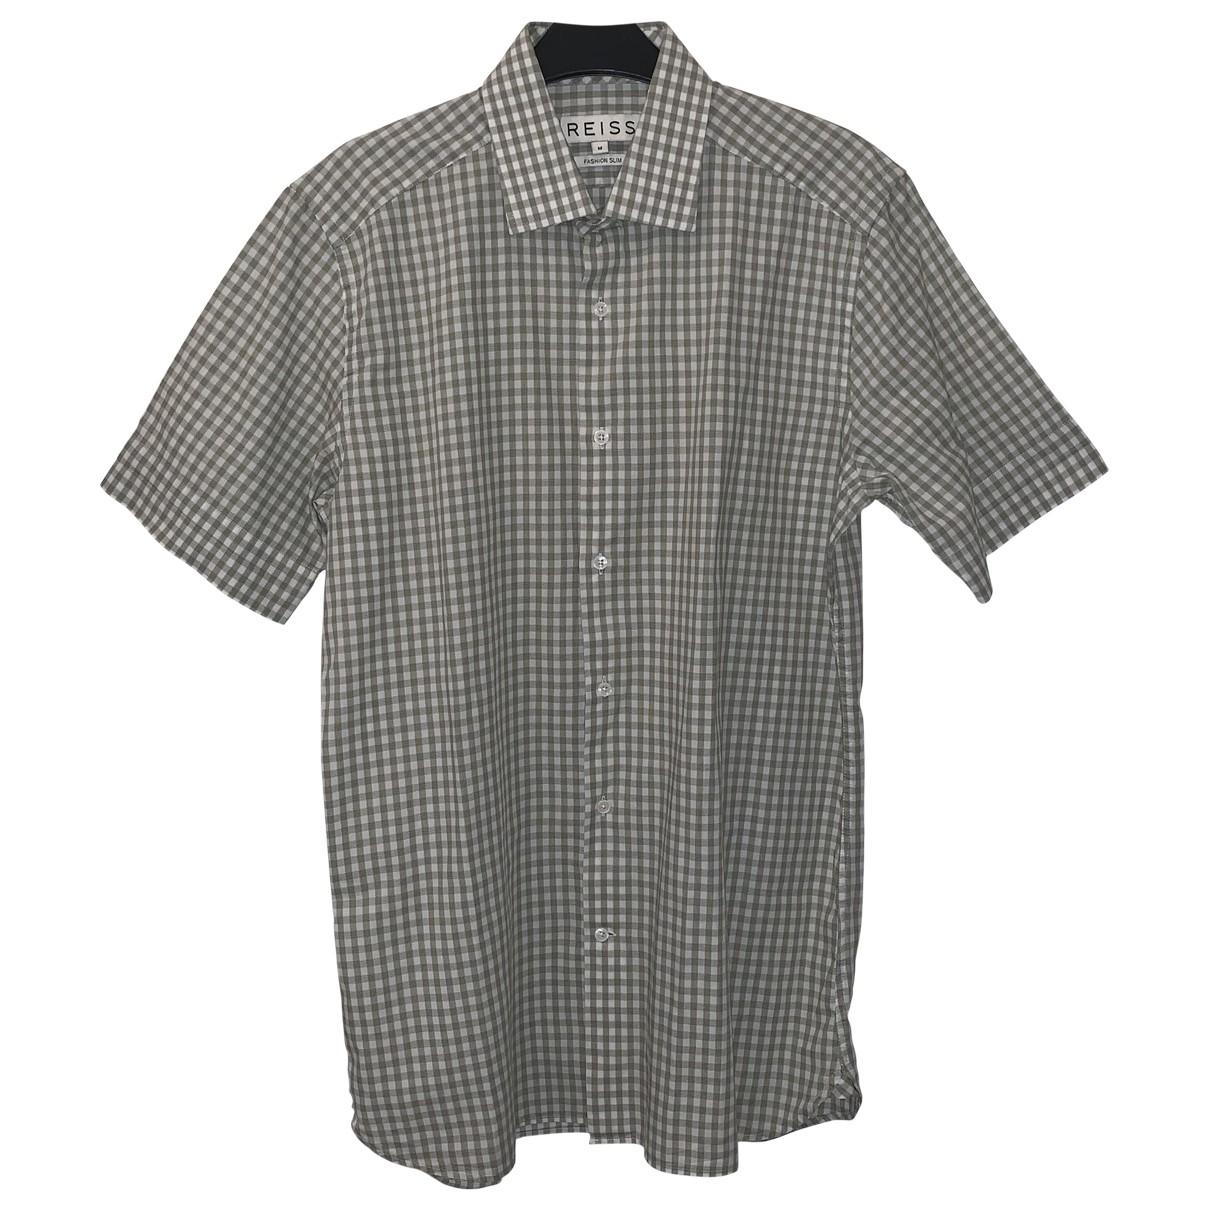 Reiss - Chemises   pour homme en coton - blanc